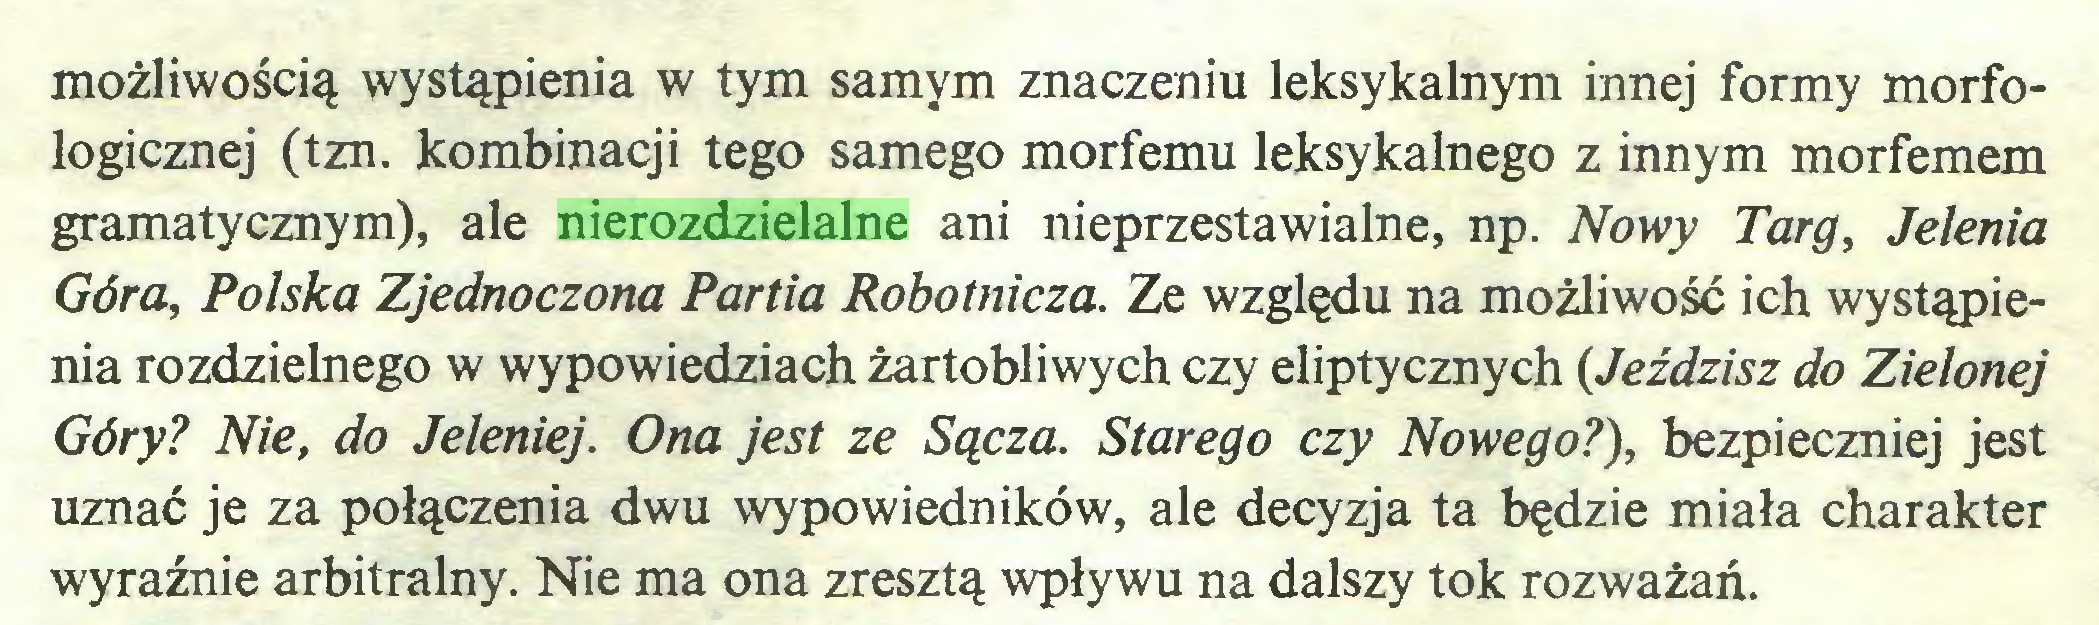 (...) możliwością wystąpienia w tym samym znaczeniu leksykalnym innej formy morfologicznej (tzn. kombinacji tego samego morfemu leksykalnego z innym morfemem gramatycznym), ale nierozdzielalne ani nieprzestawialne, np. Nowy Targ, Jelenia Góra, Polska Zjednoczona Partia Robotnicza. Ze względu na możliwość ich wystąpienia rozdzielnego w wypowiedziach żartobliwych czy eliptycznych (Jeździsz do Zielonej Góry? Nie, do Jeleniej. Ona jest ze Sącza. Starego czy Nowego?), bezpieczniej jest uznać je za połączenia dwu wypowiedników, ale decyzja ta będzie miała charakter wyraźnie arbitralny. Nie ma ona zresztą wpływu na dalszy tok rozważań...